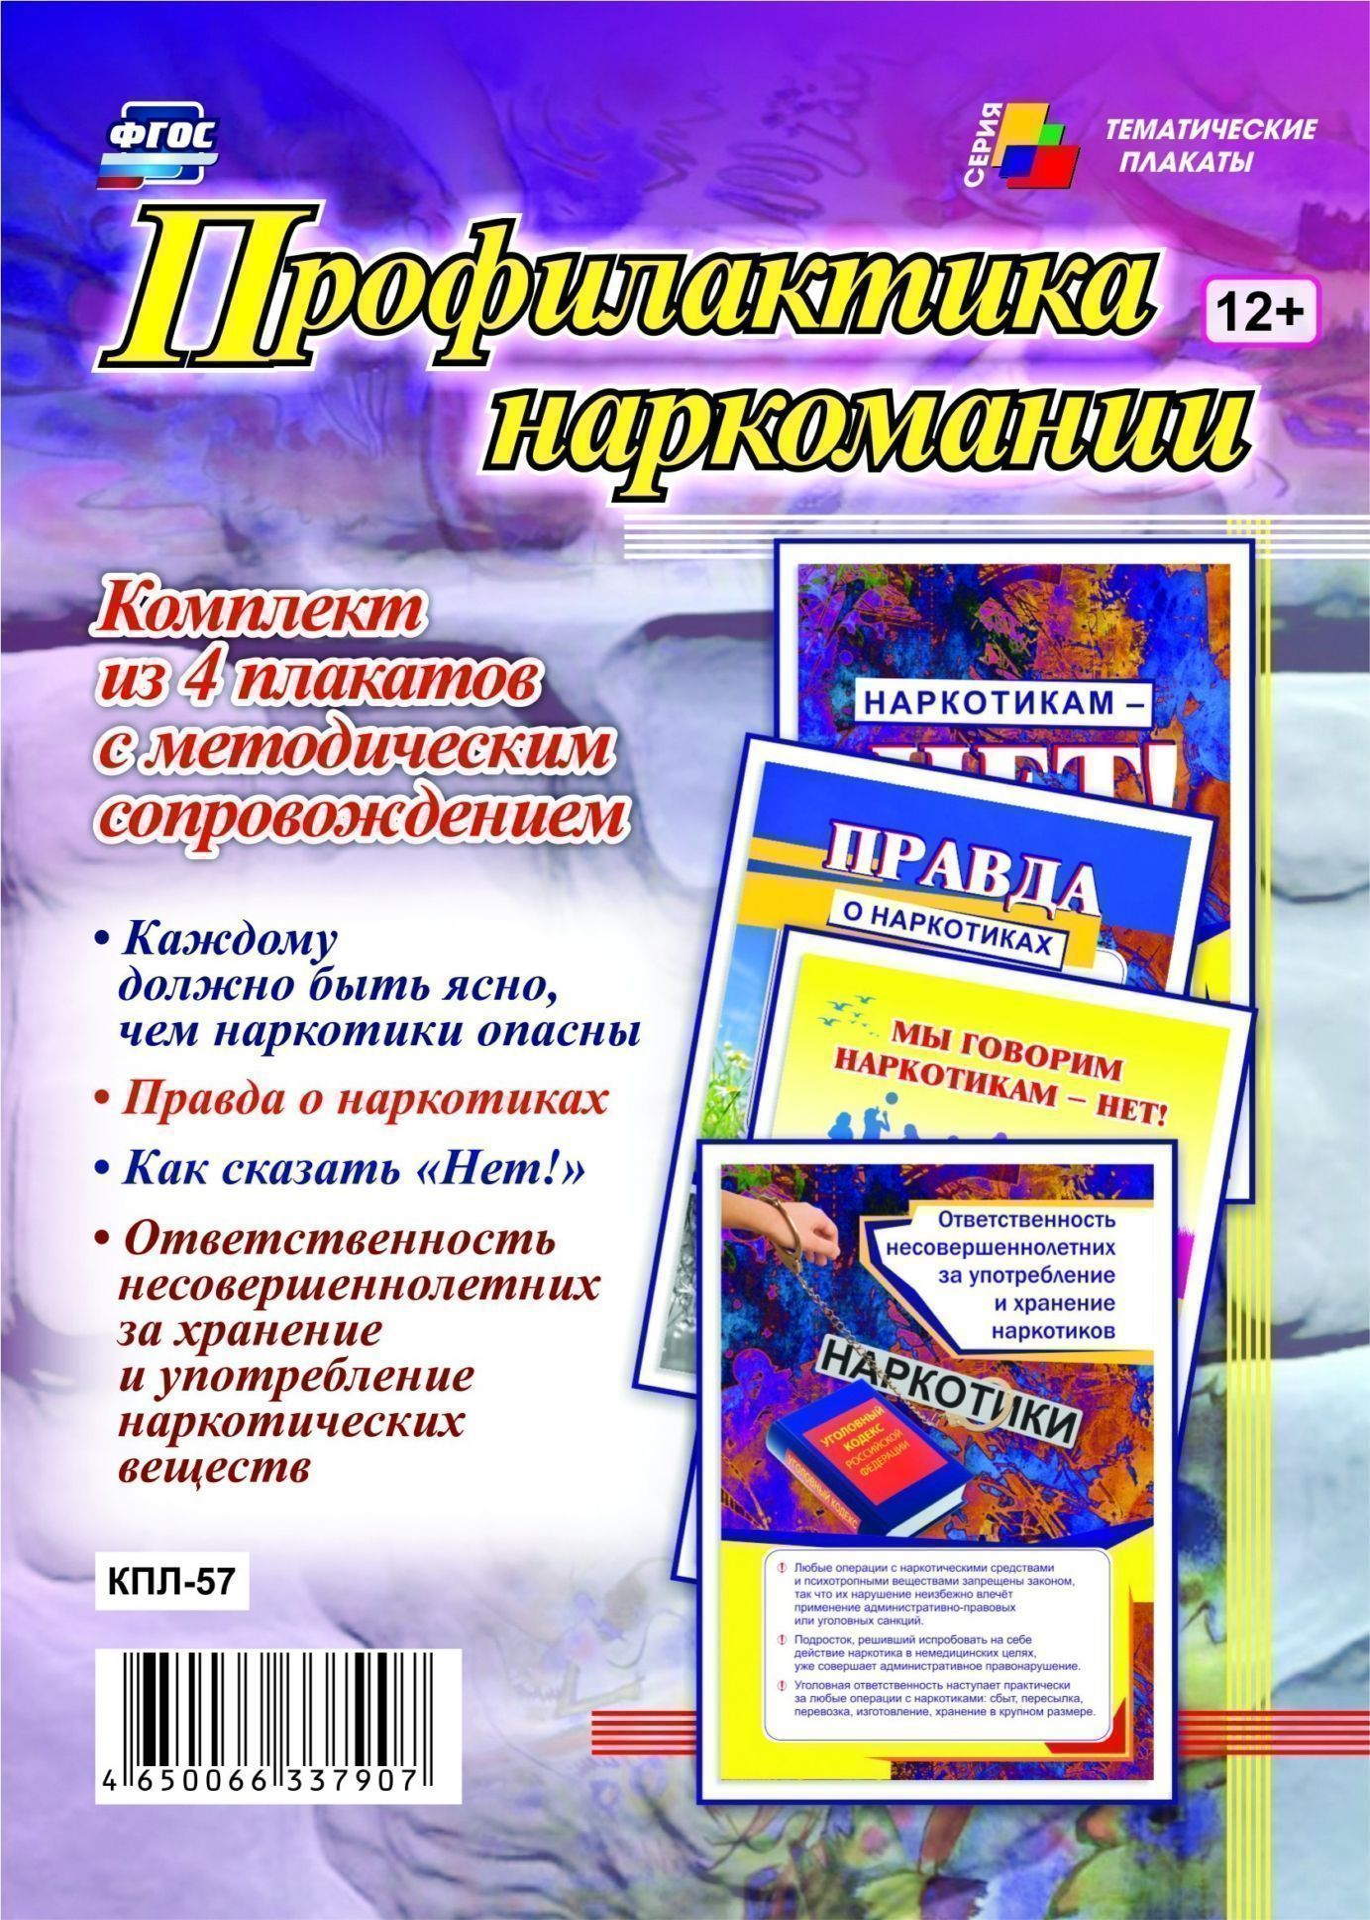 """Купить со скидкой Комплект плакатов """"Профилактика наркомании"""": 4 плаката с методическим сопровождением"""